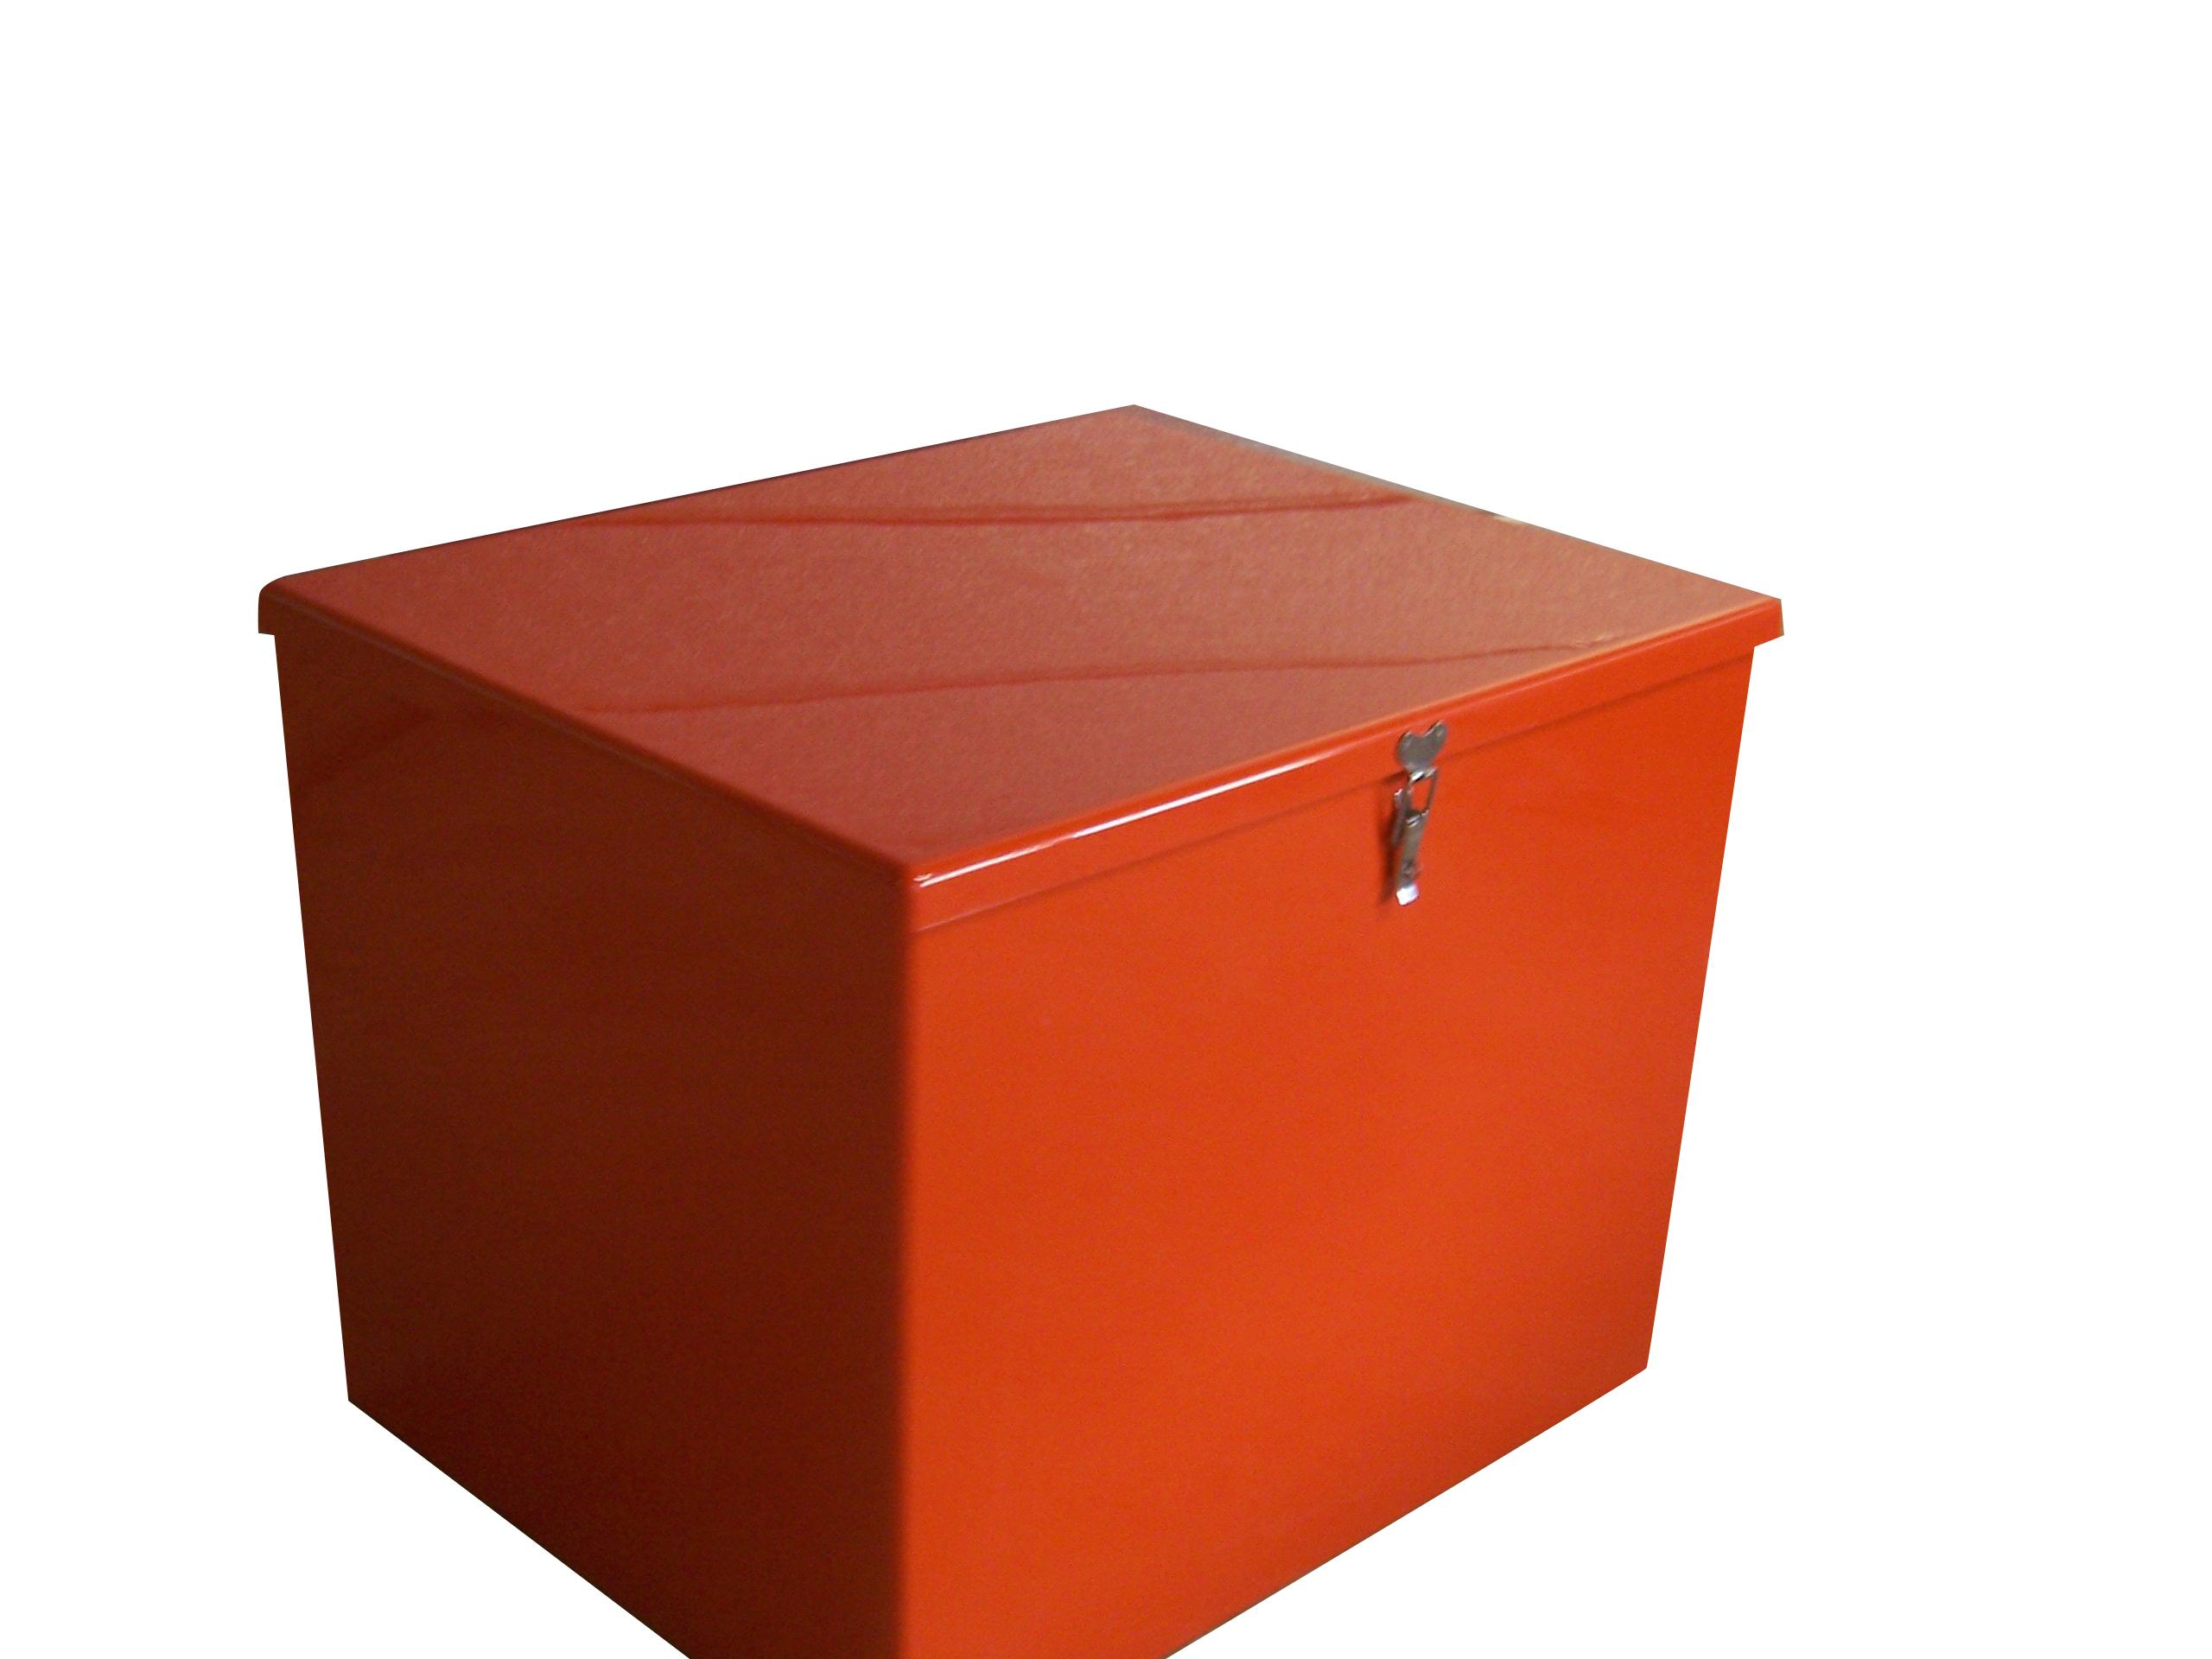 DP 11 Lifejacket Box